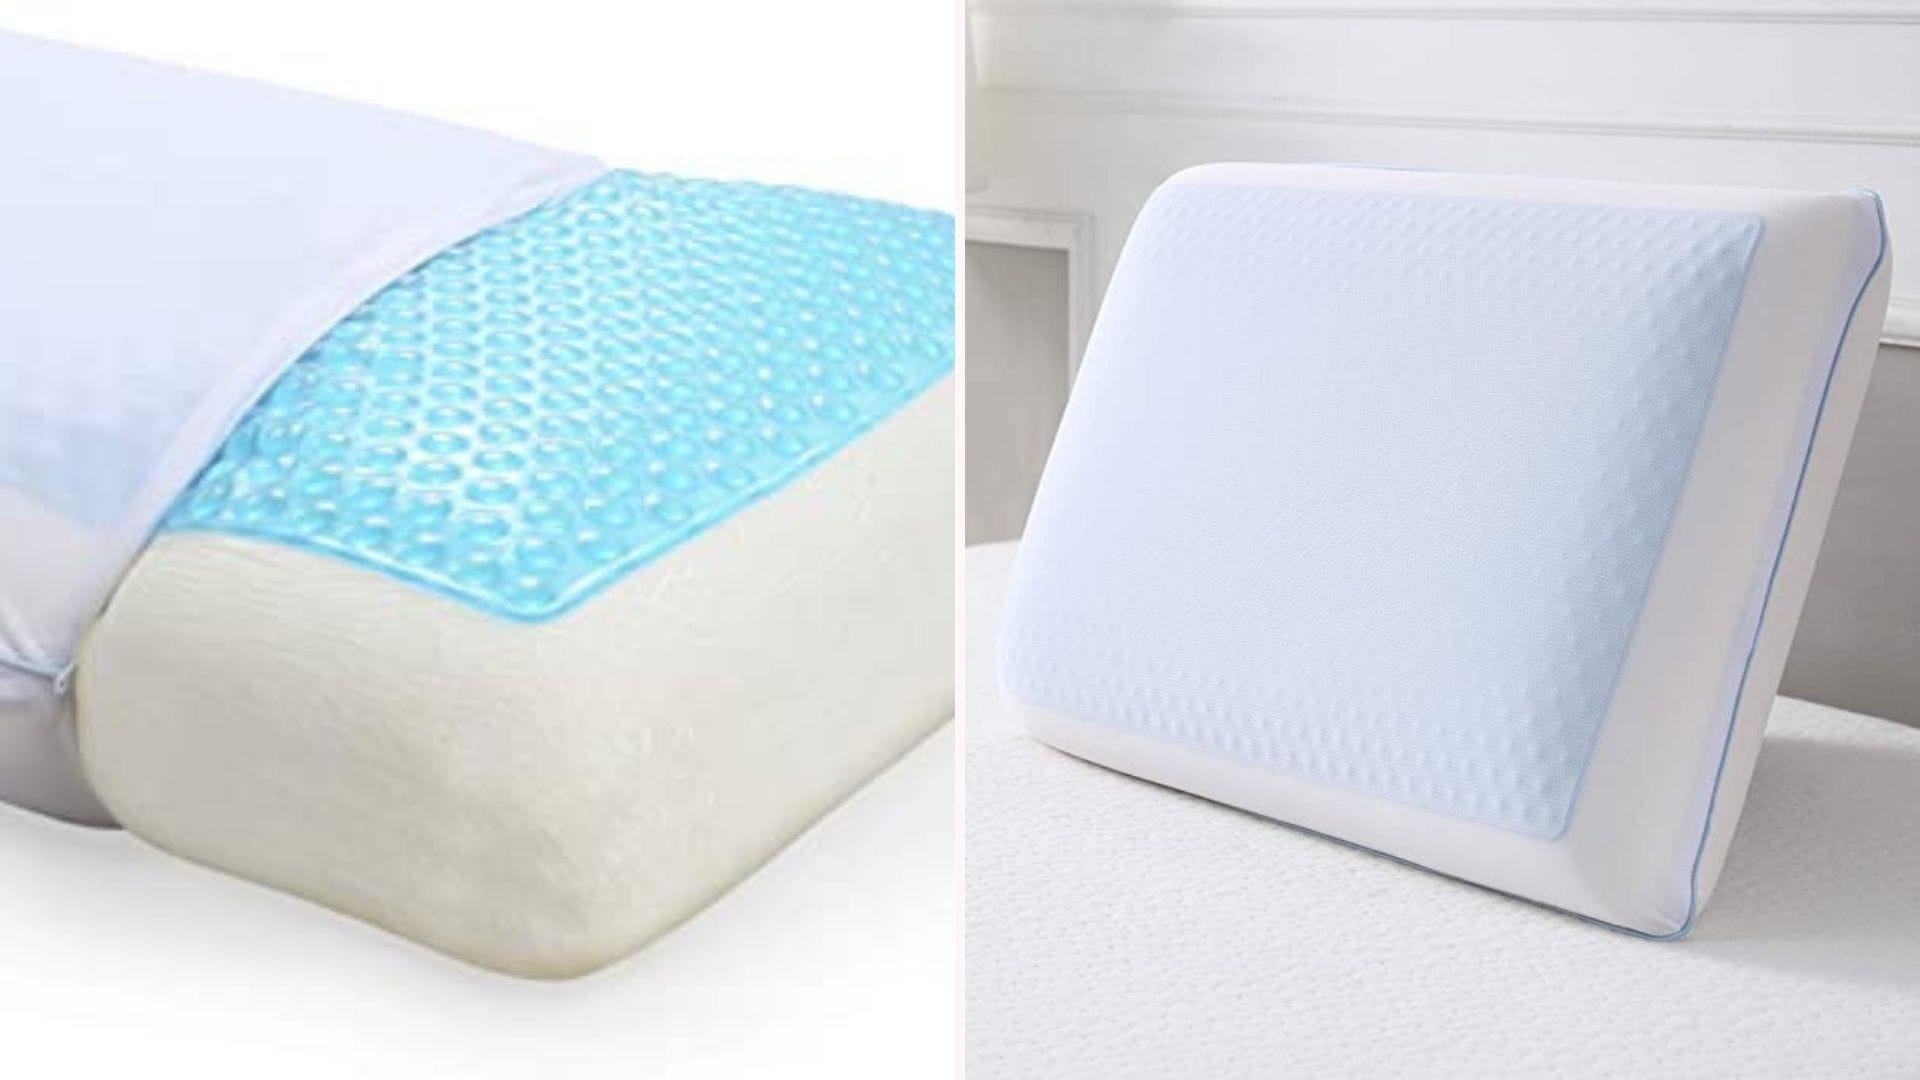 Слева крупный план текстуры гелевой подушки, а справа гелевая подушка в футляре на кровати.